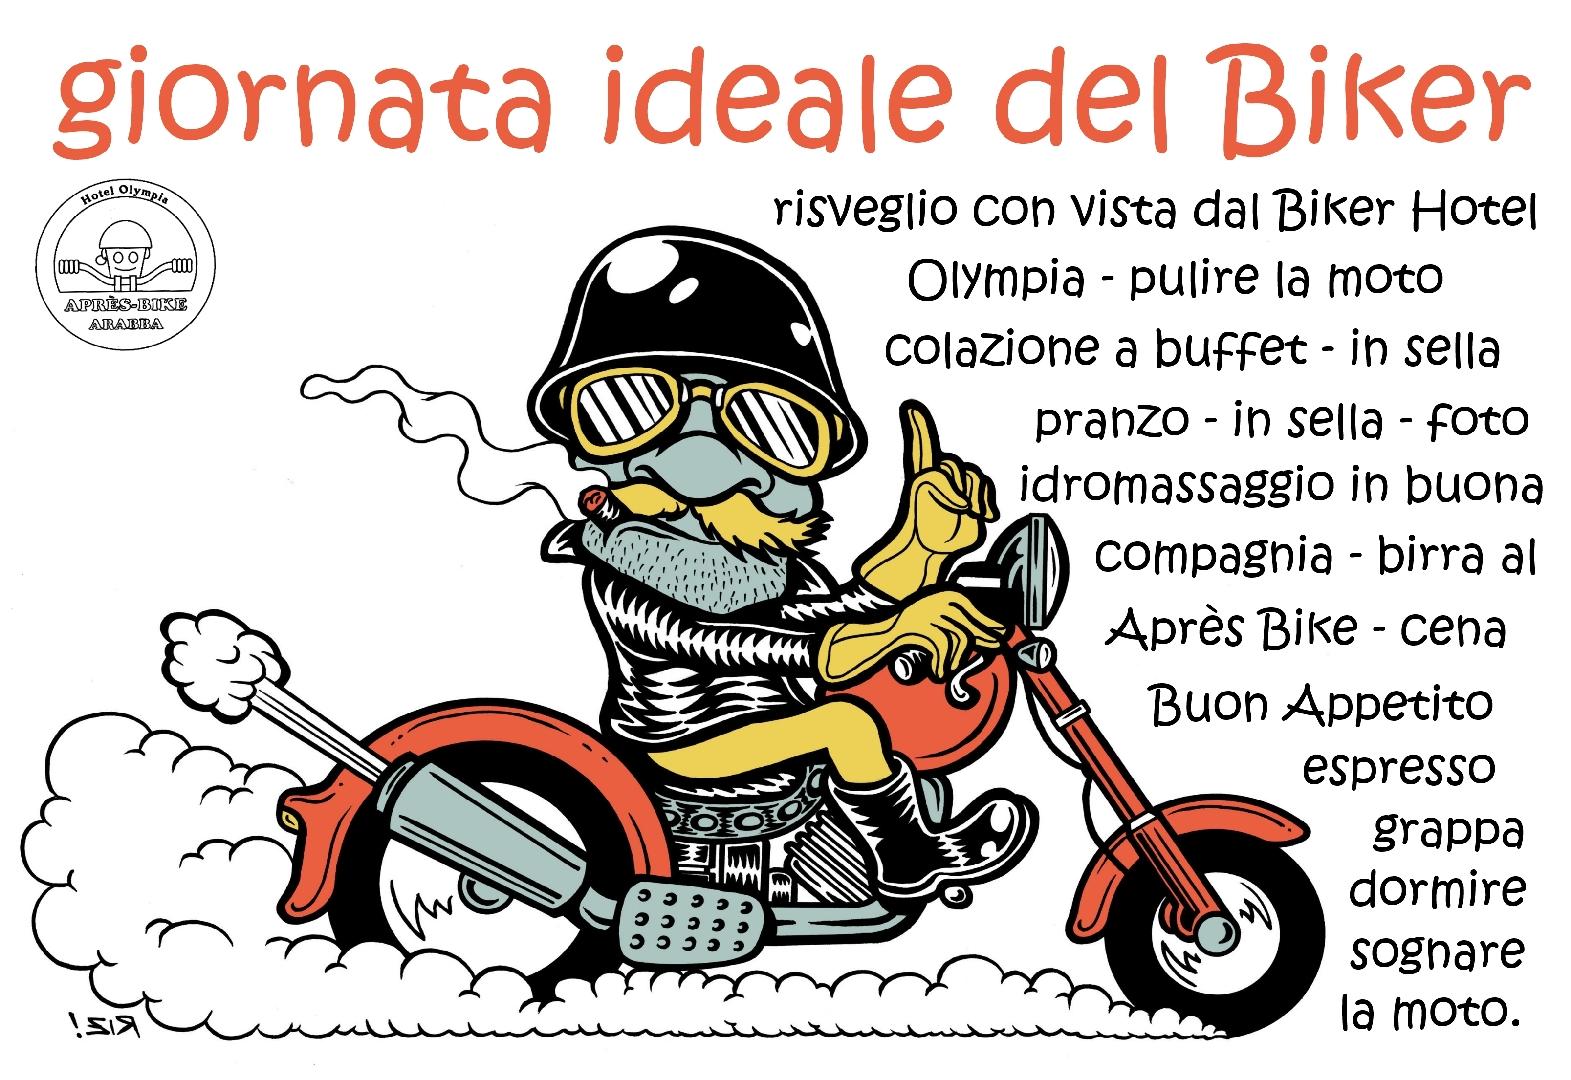 gironata ideale del Biker